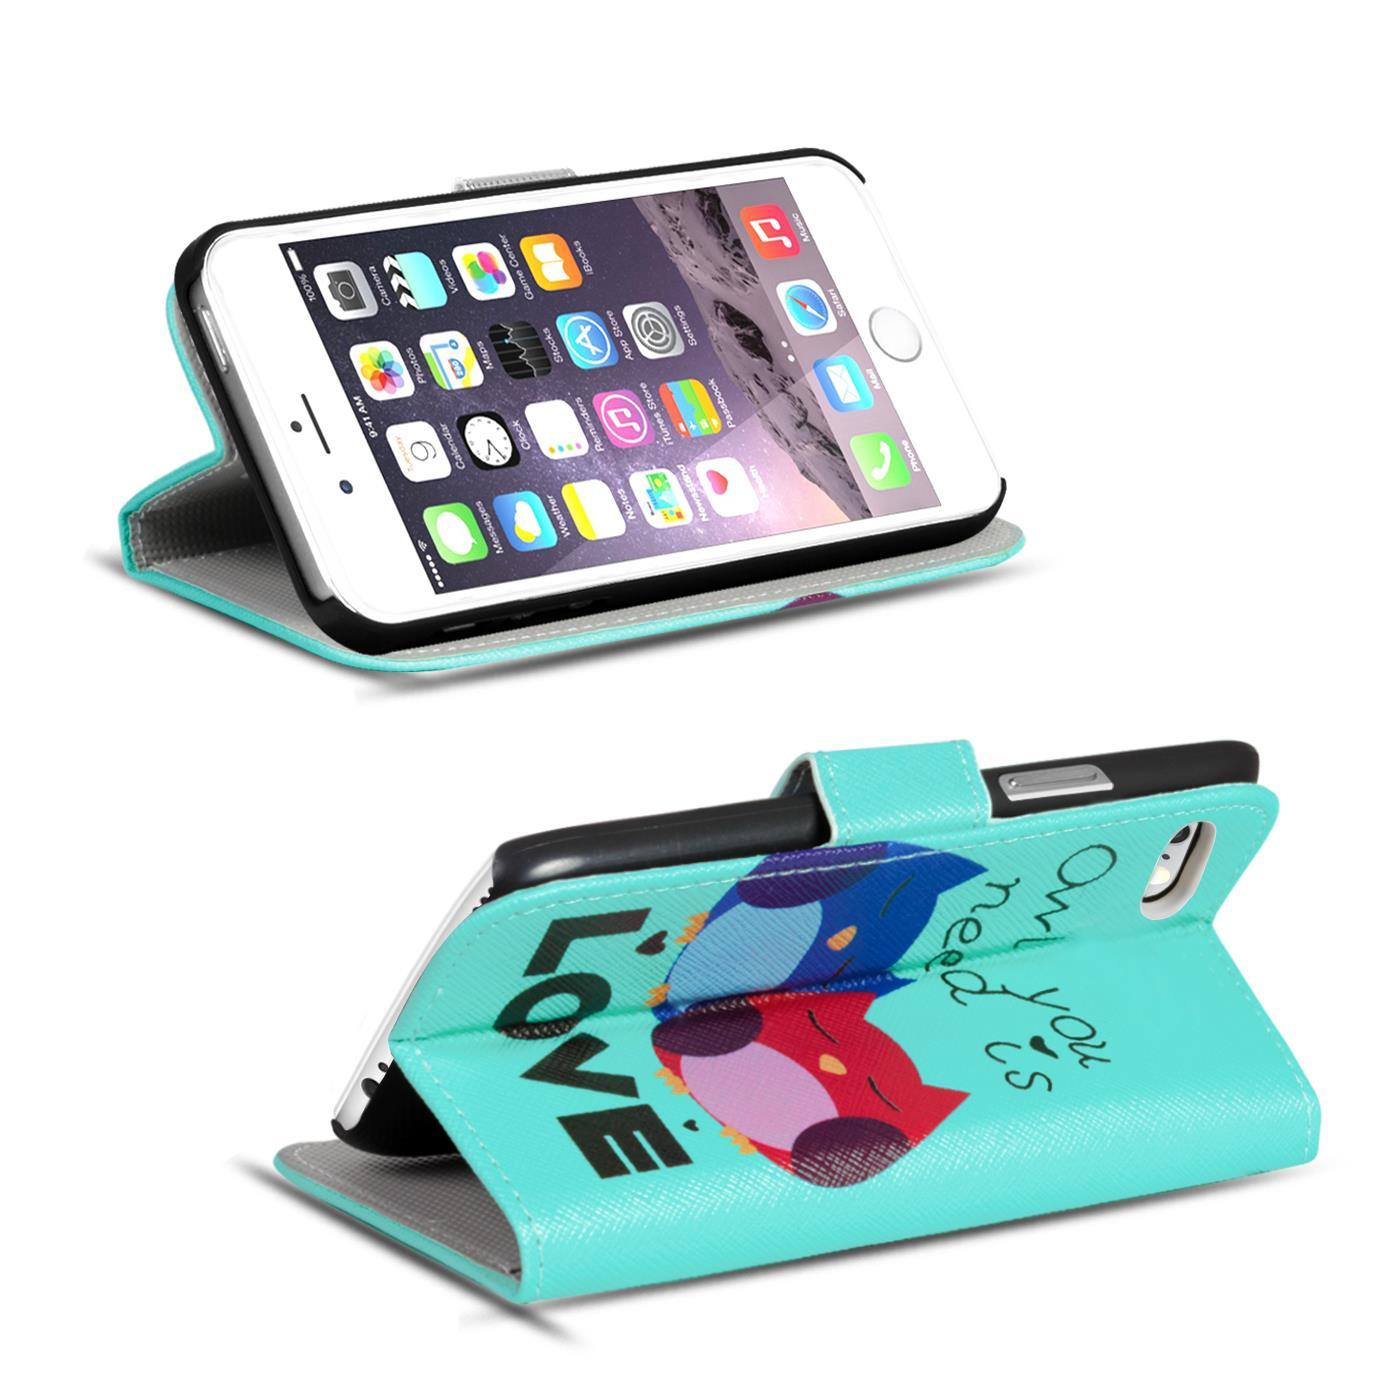 Handy-Huelle-Apple-iPhone-8-Plus-Flip-Cover-Case-Schutz-Tasche-Etui-Motiv-Wallet Indexbild 57